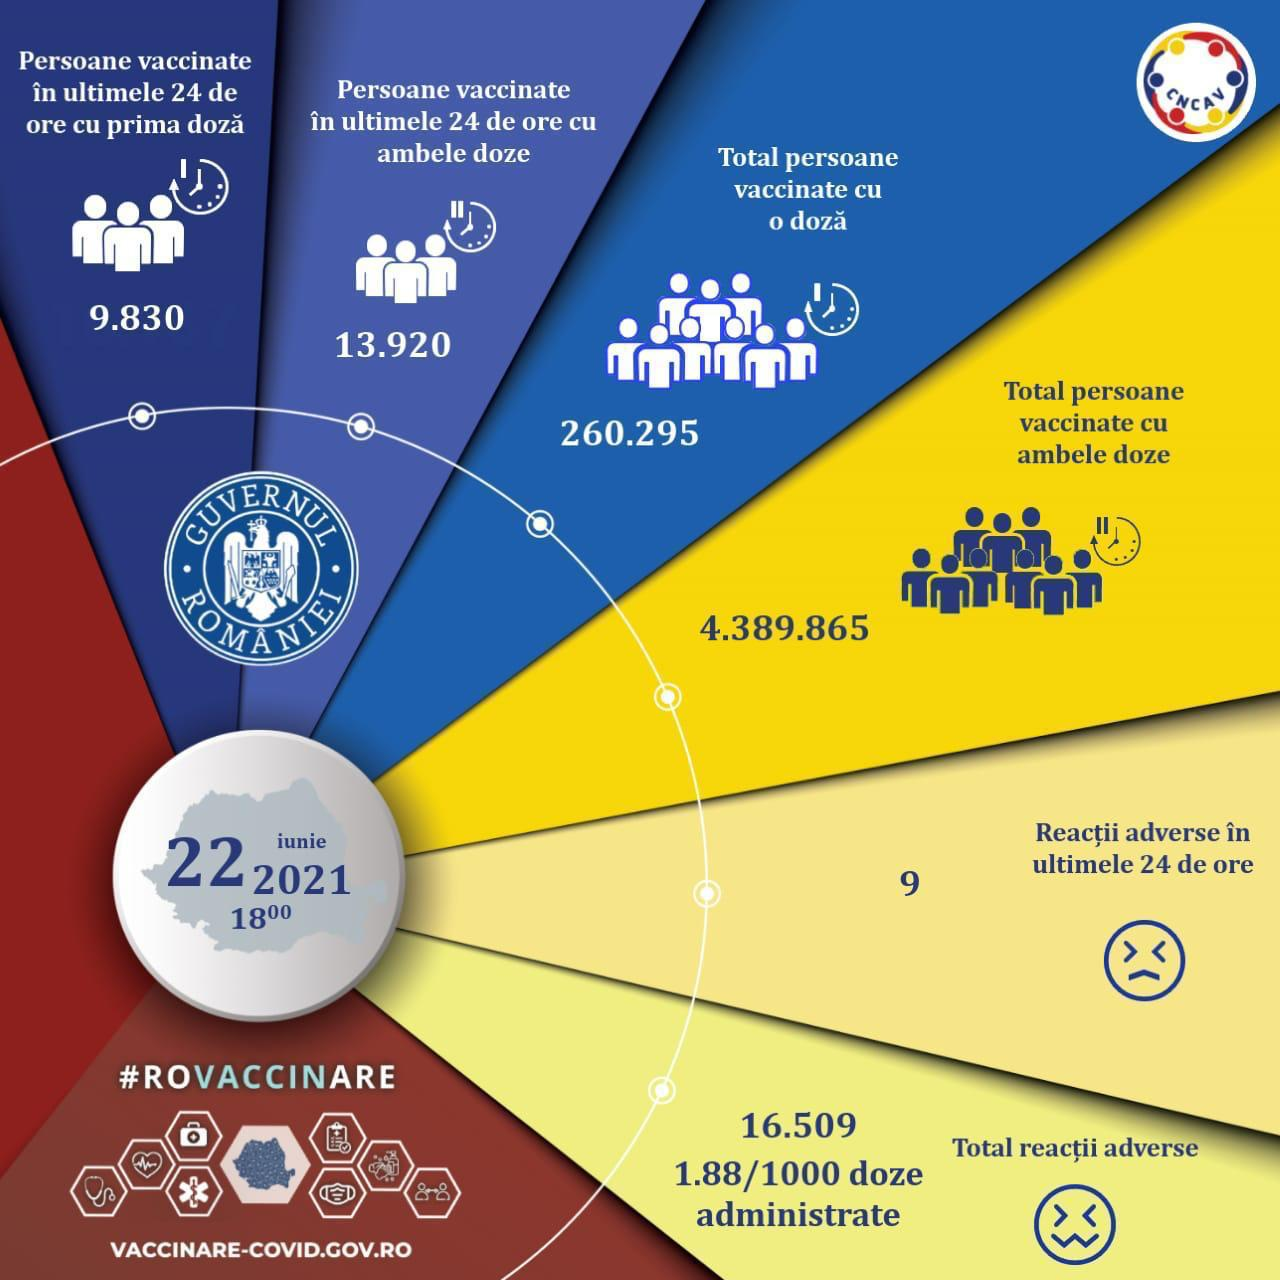 Campania de vaccinare anti-COVID-19. Aproximativ 24.000 de persoane s-au imunizat în ultimele 24 de ore: Doar 9.800 și-au făcut prima doză